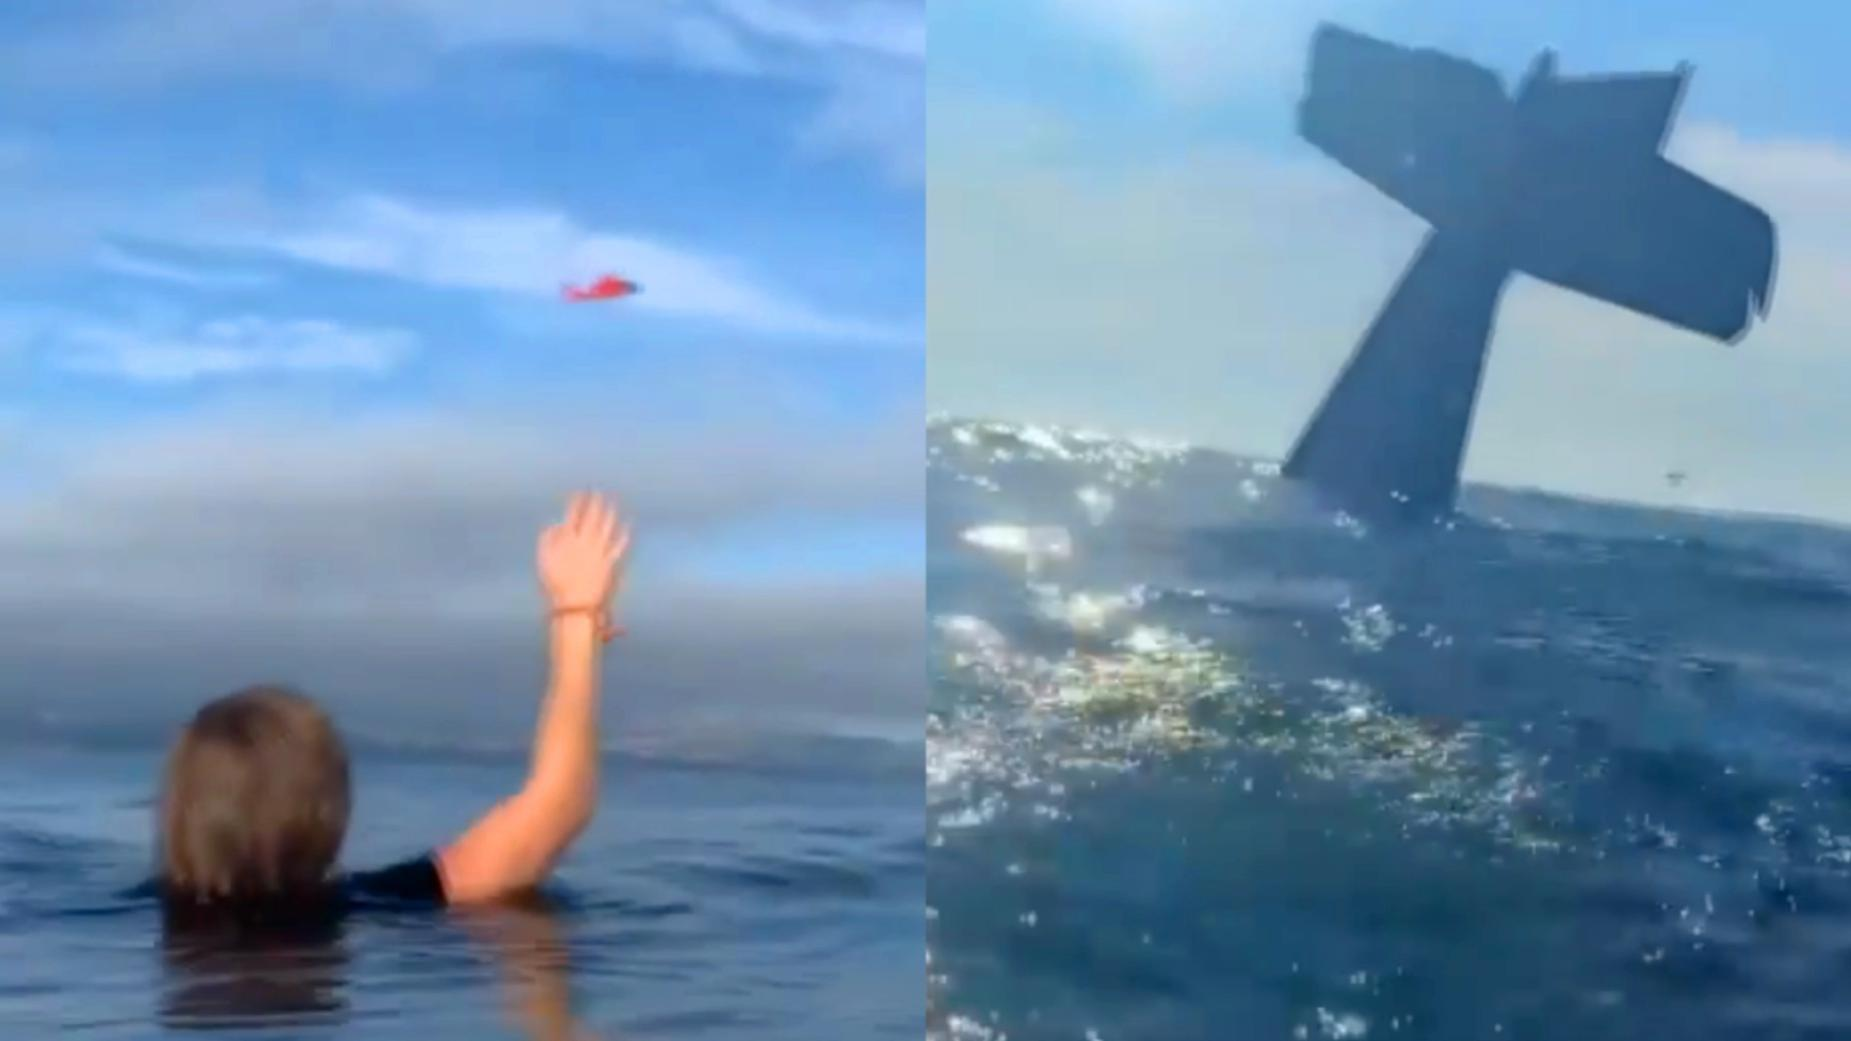 飞机引擎失灵迫降 机长乘客太平洋漂流 恰巧附近有救援机演练被救